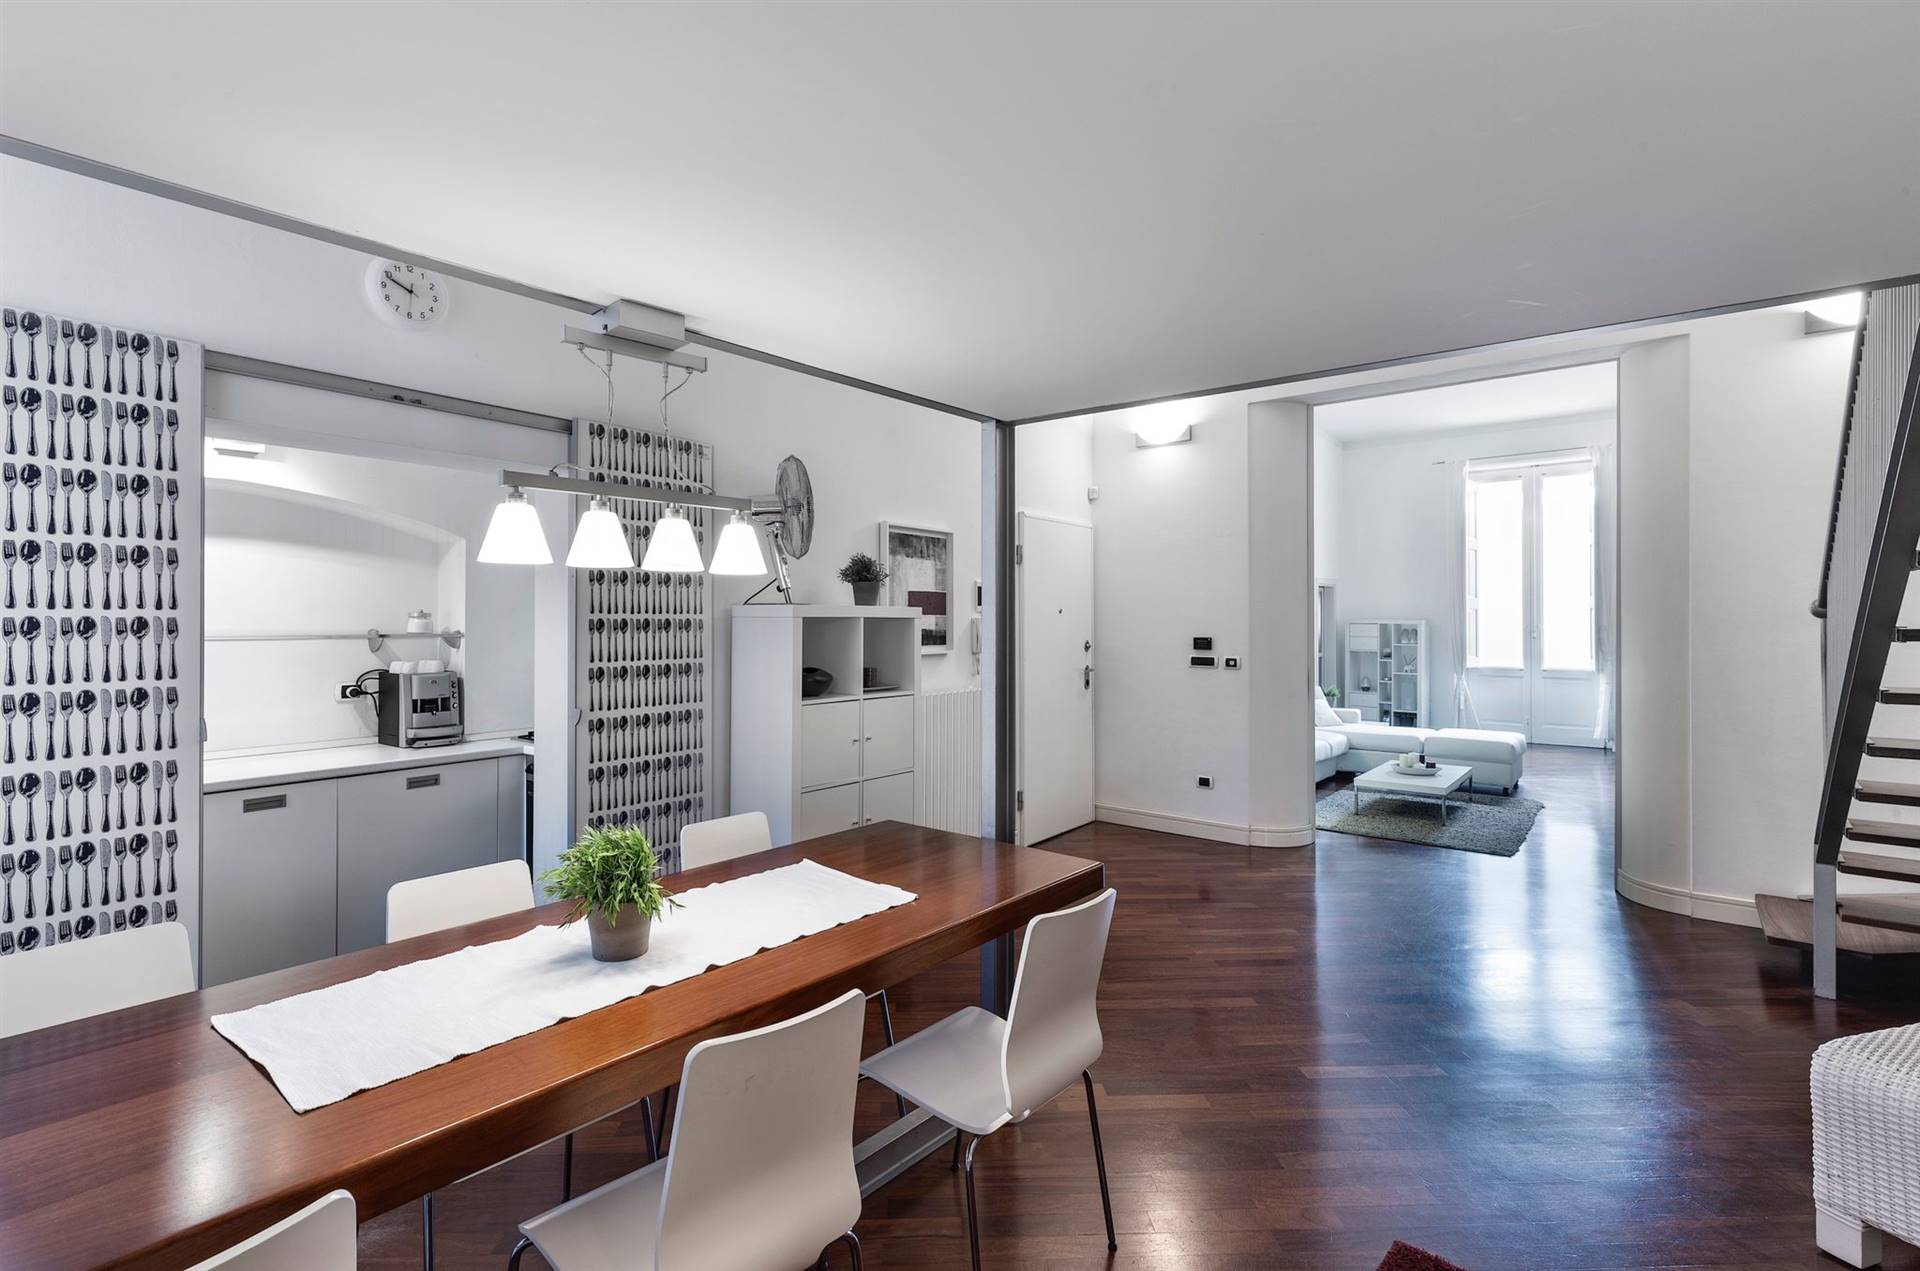 In Vendita a Monopoli nel cuore del centro storico, in Via Garibaldi la famosa Via dei Mercanti, a pochi passi dalla Piazza principale della Città, proponiamo rifinito appartamento di design